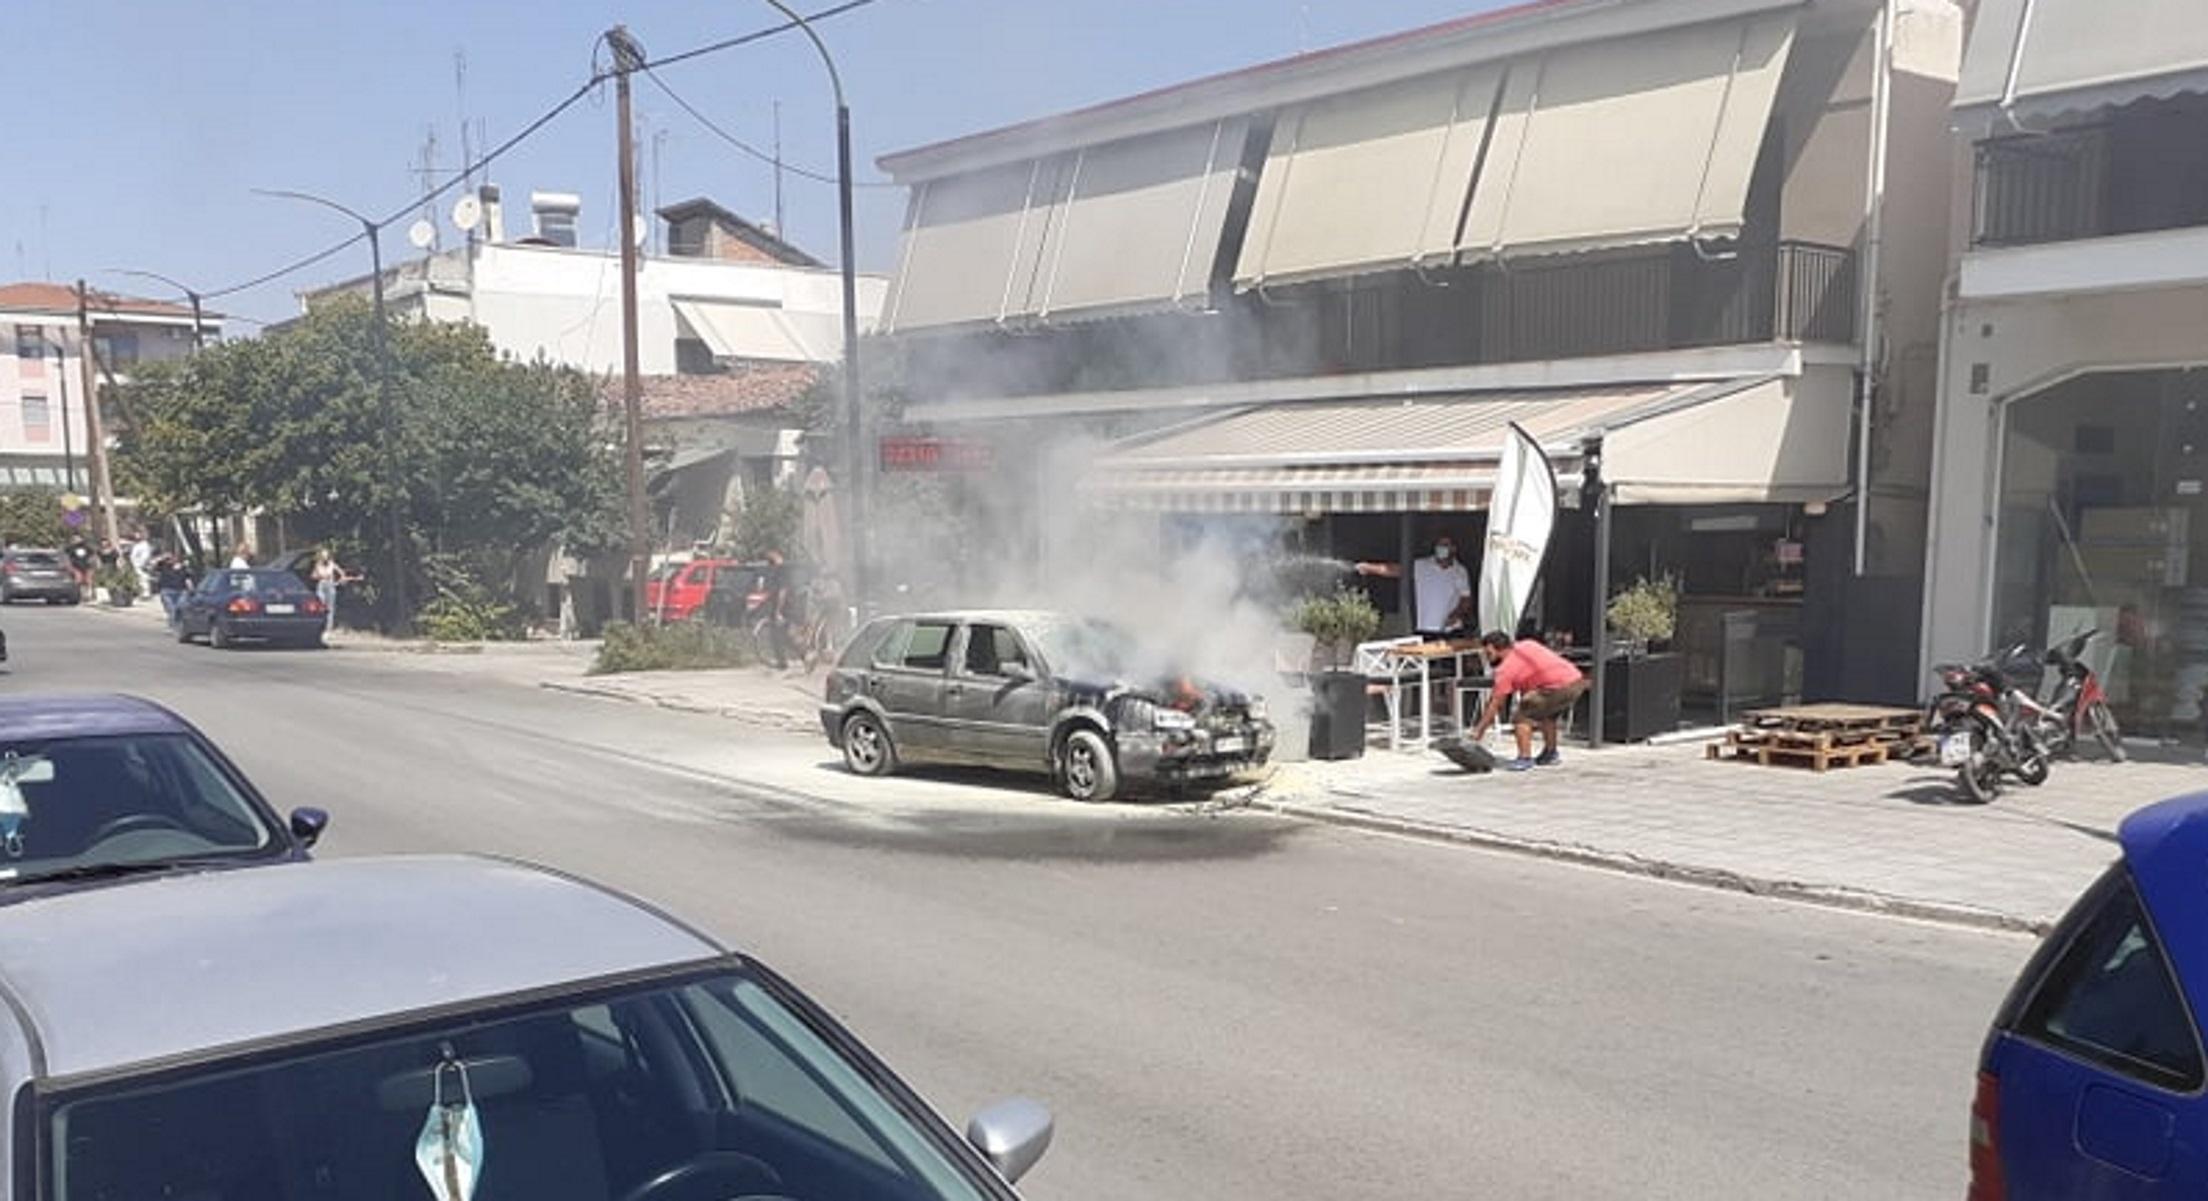 Τρίκαλα: Φλεγόμενο αυτοκίνητο απέναντι από το νοσοκομείο – Συναγερμός στην πυροσβεστική